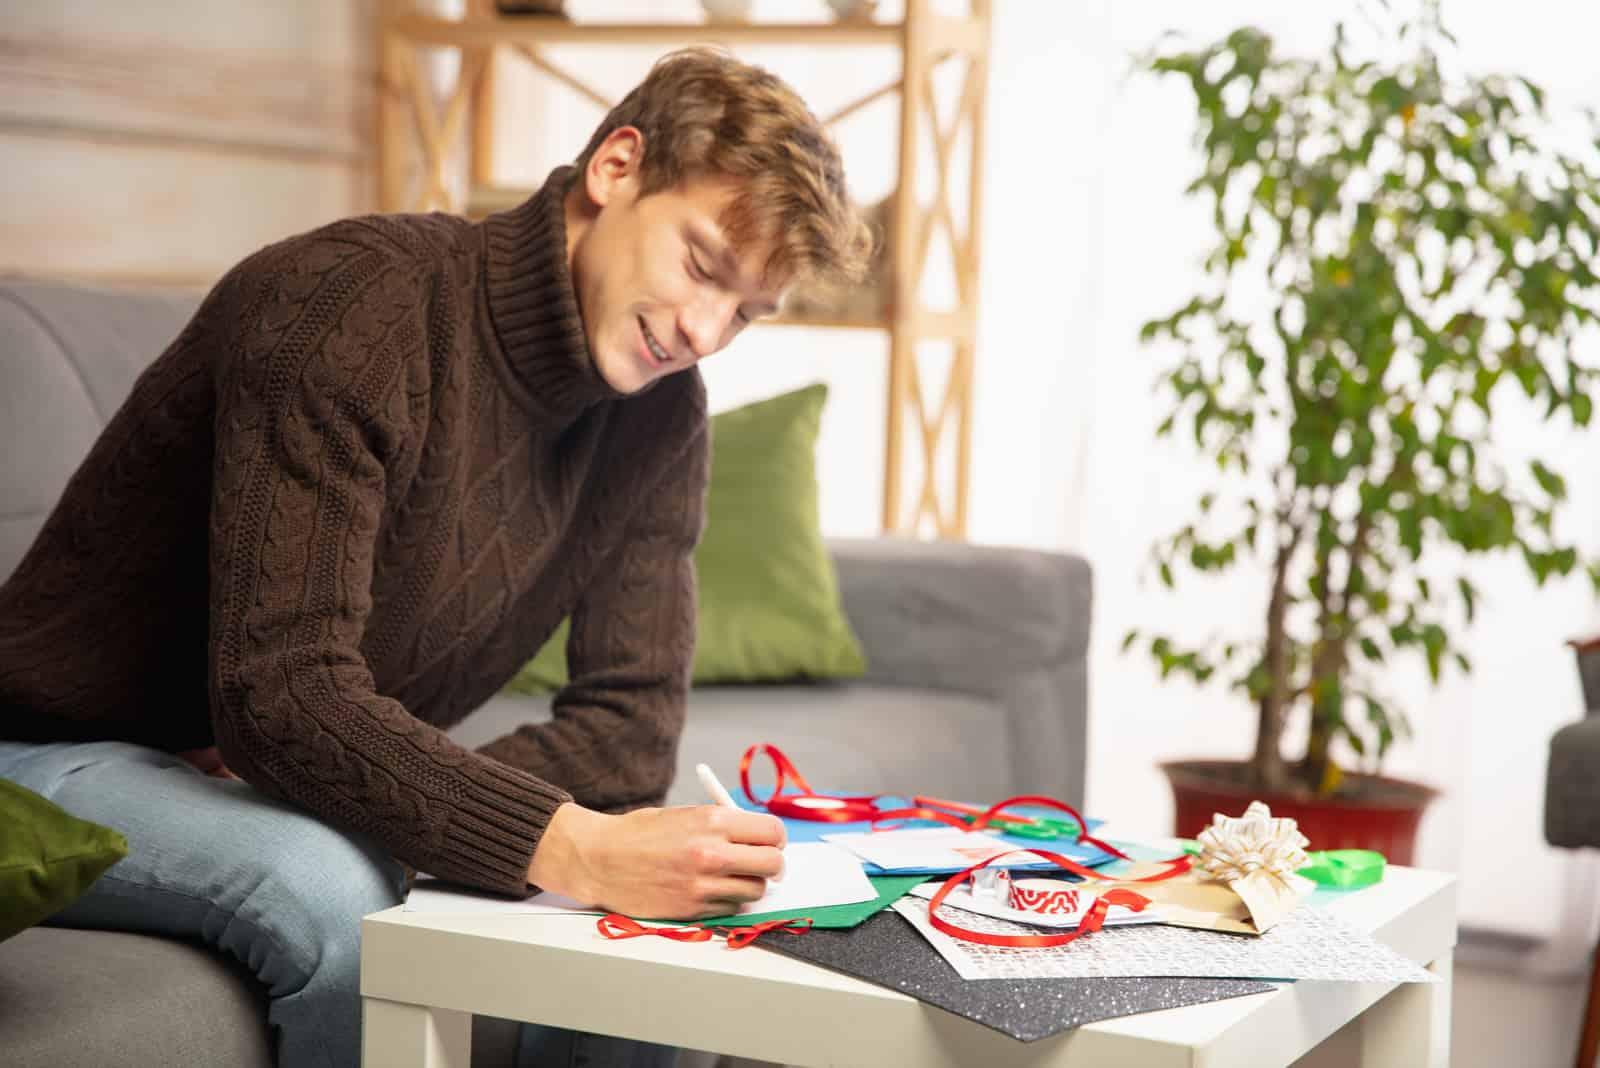 un homme est assis à une table et écrit une carte de voeux